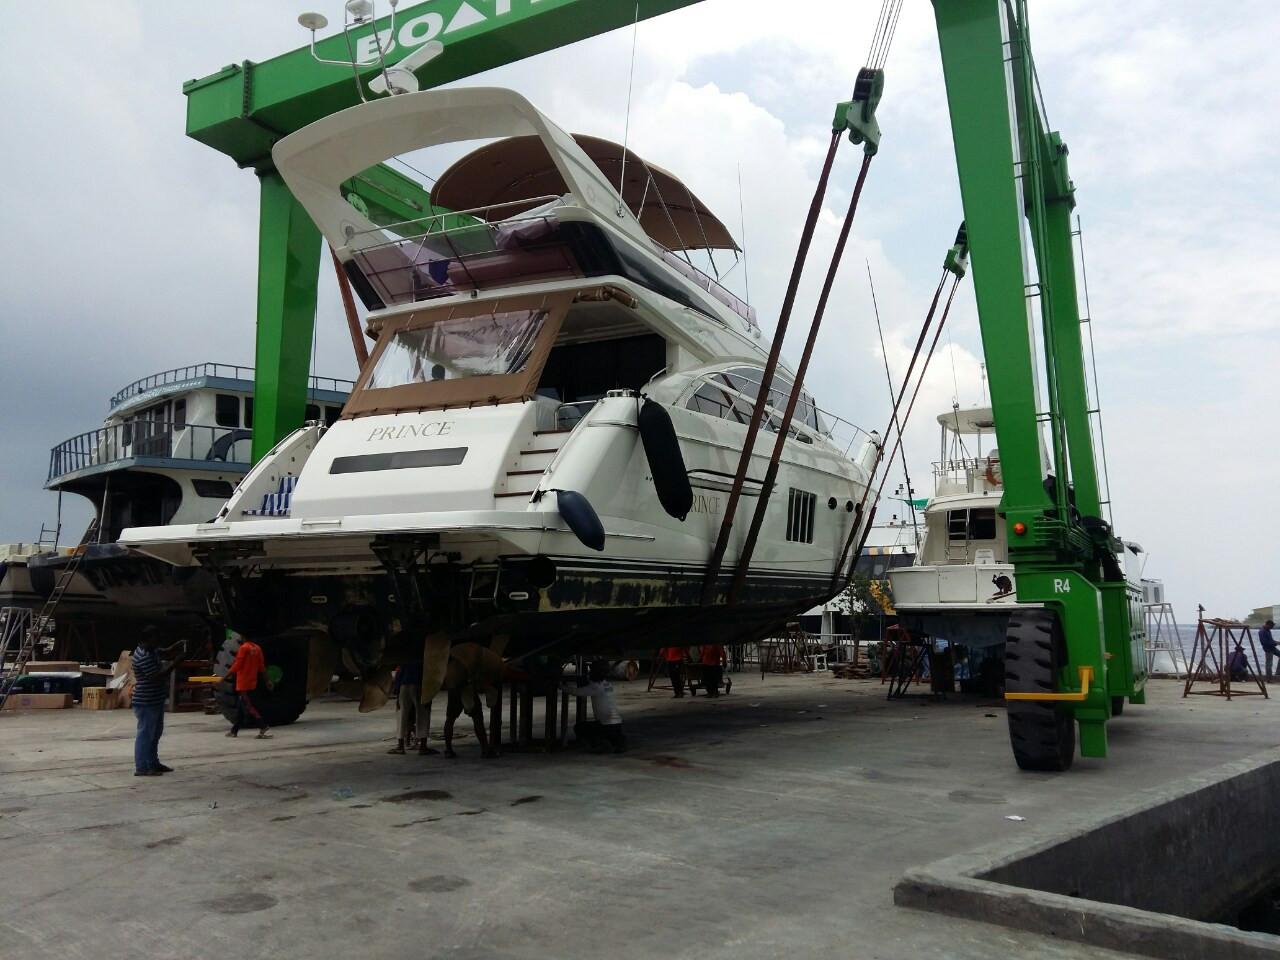 64ft Prince  Yacht Ocean Island